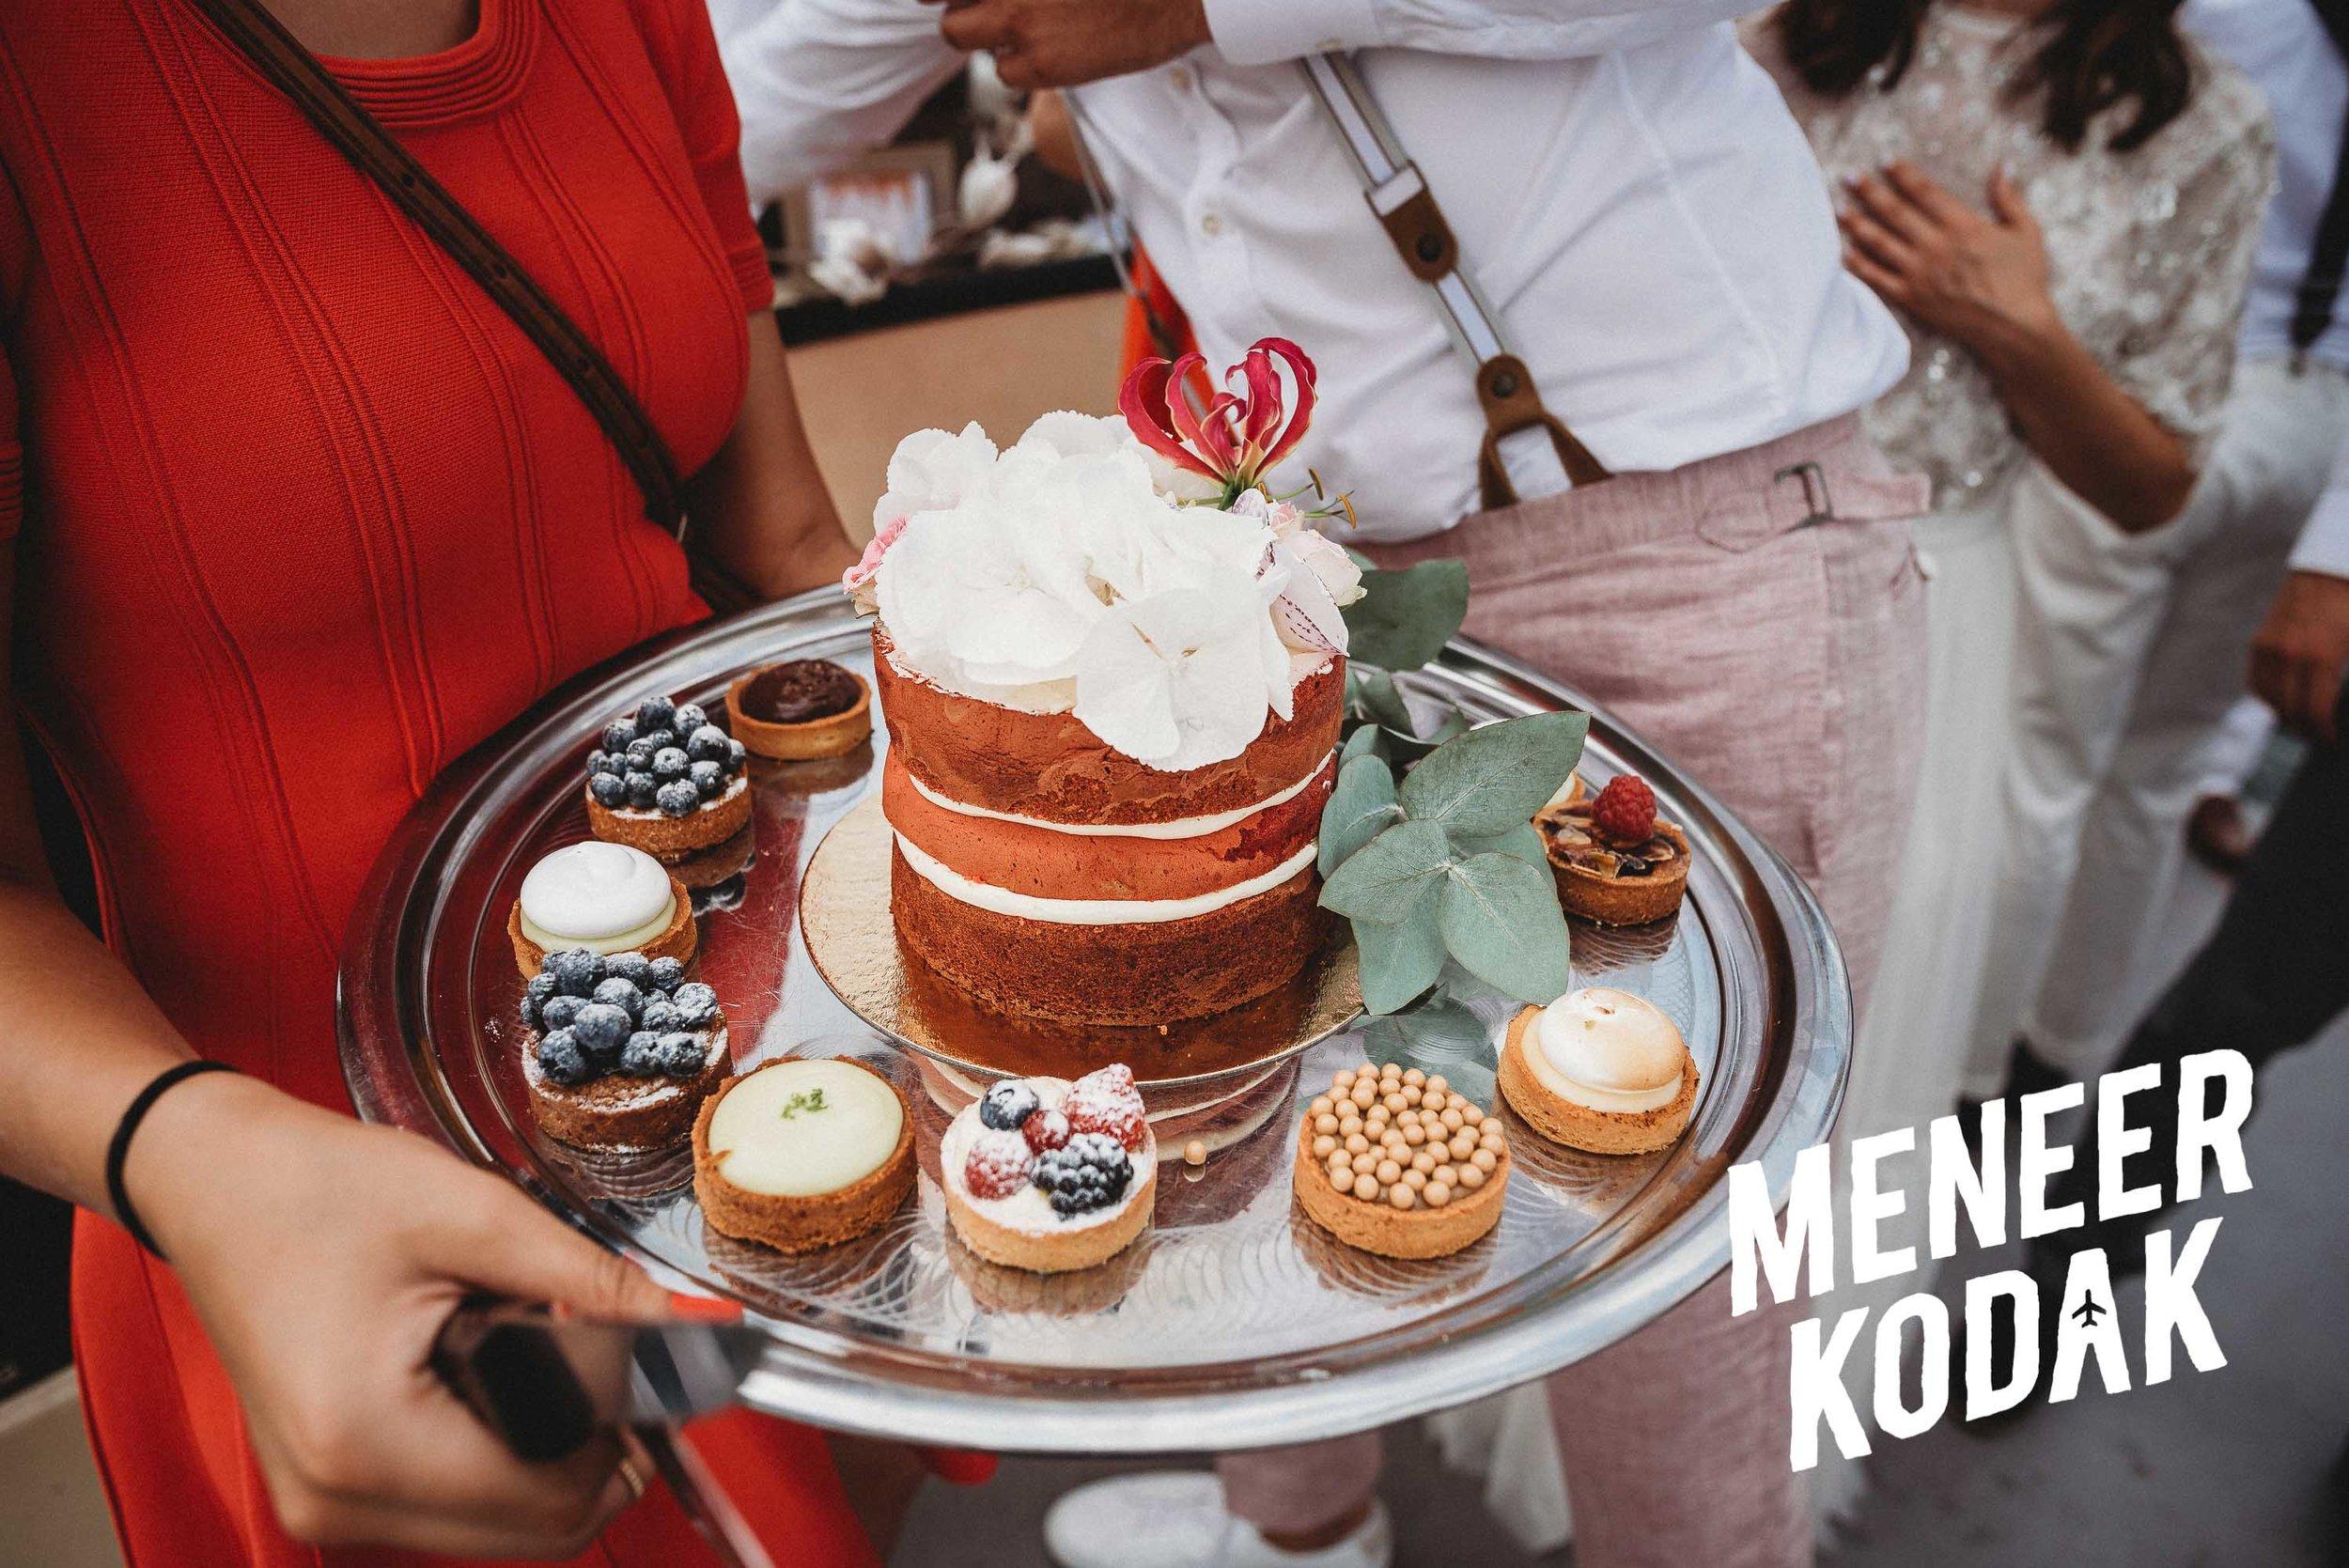 Meneer Kodak - Trouwfotograaf - Amsterdam - H&T-073.jpg